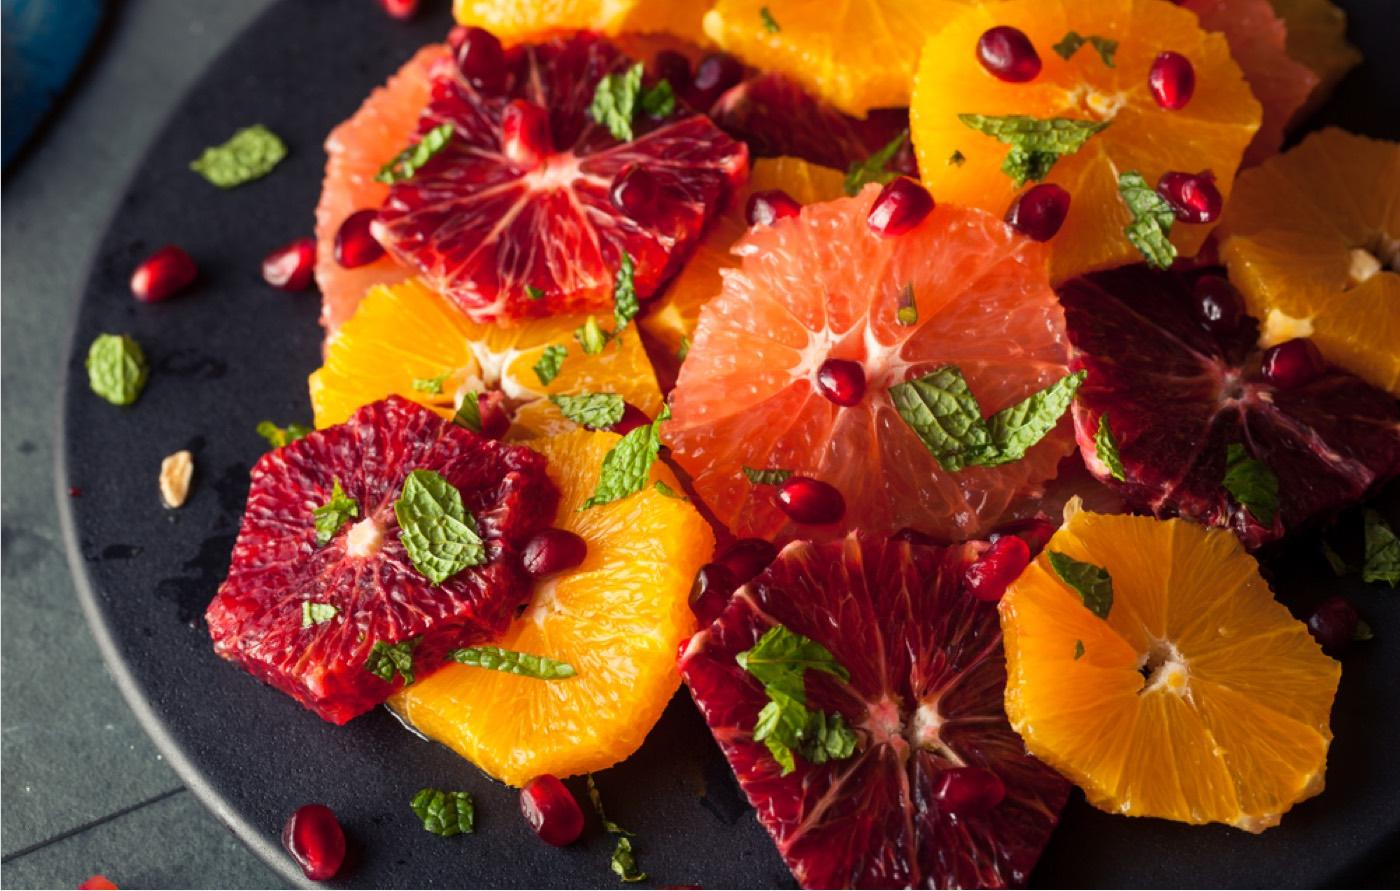 Insalata sfiziosa e particolare di agrumi alla cannella e melograno